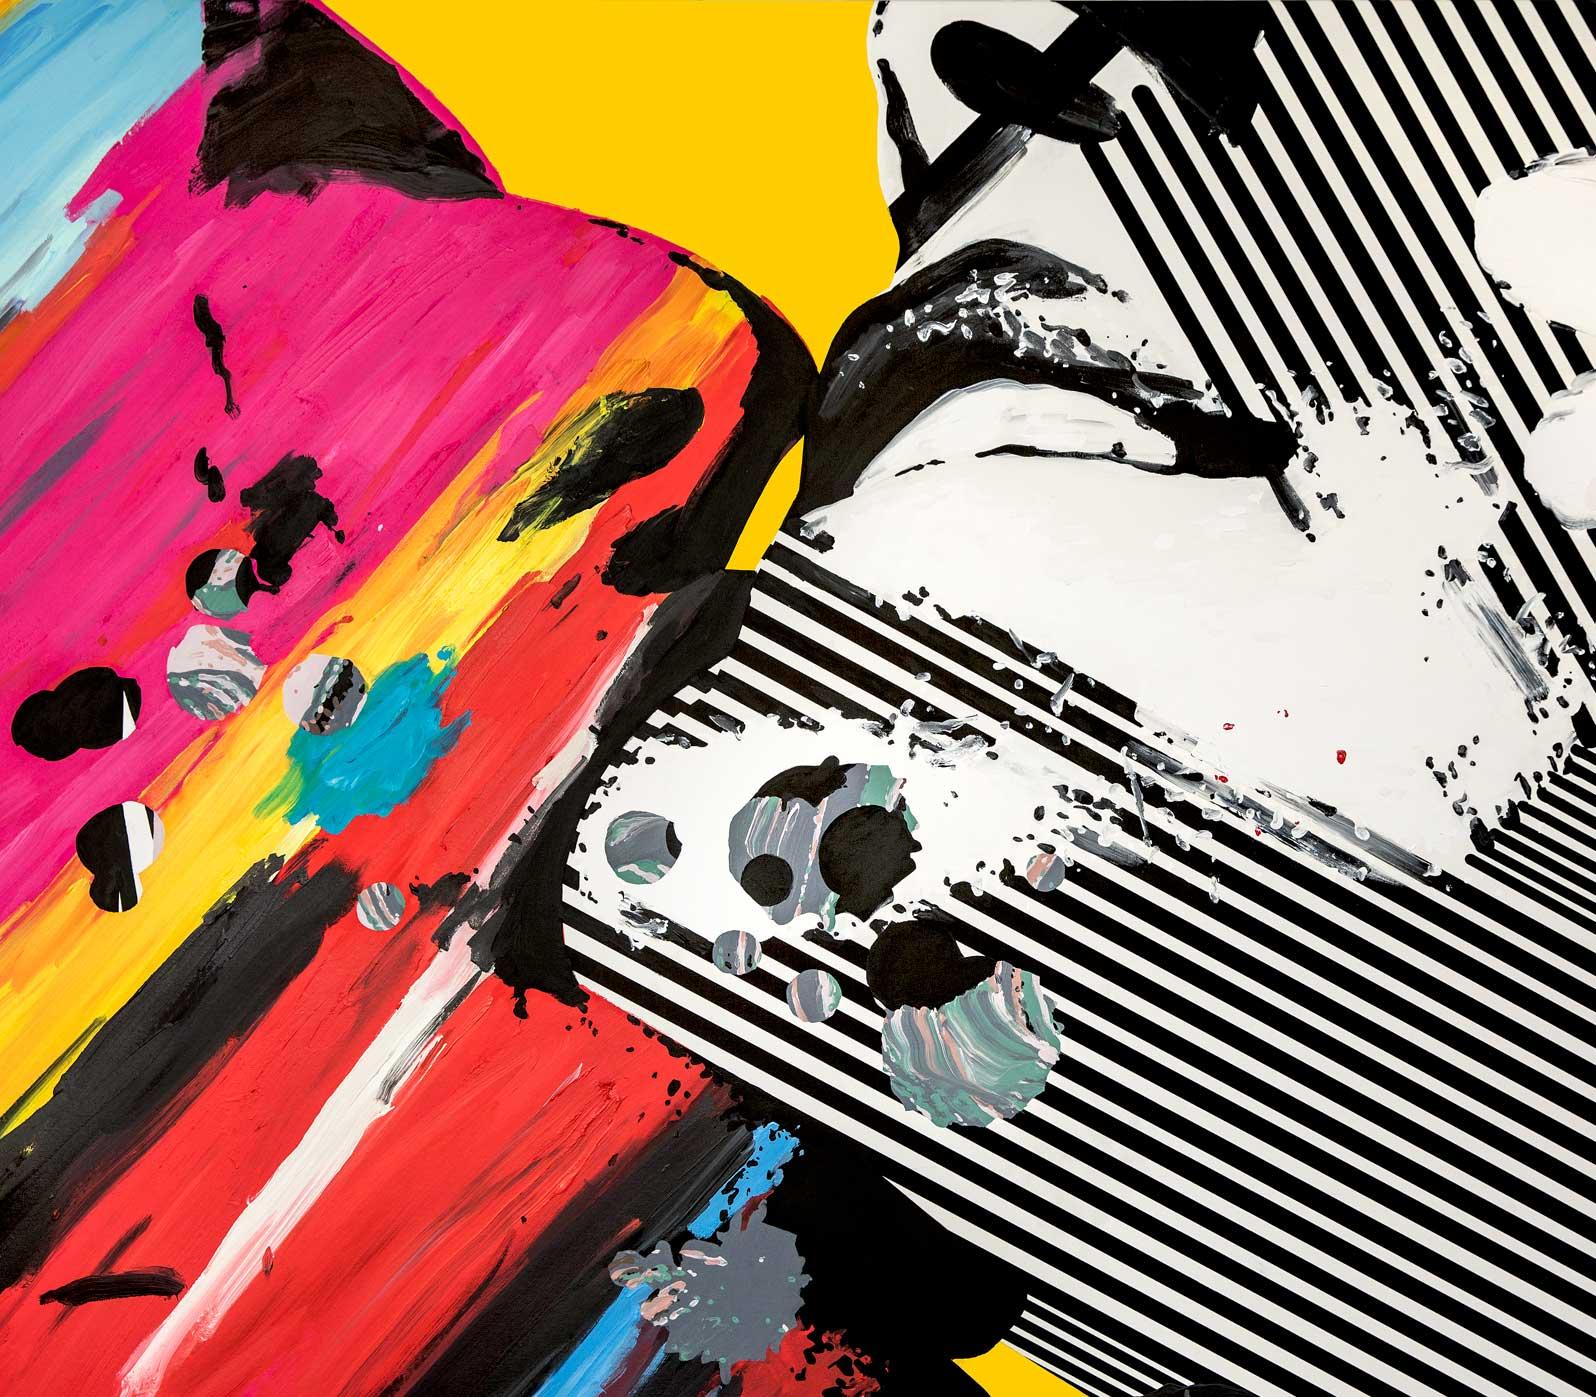 Anca Stefanescu | Contemporary Creative Painter, AxiomOfChoice